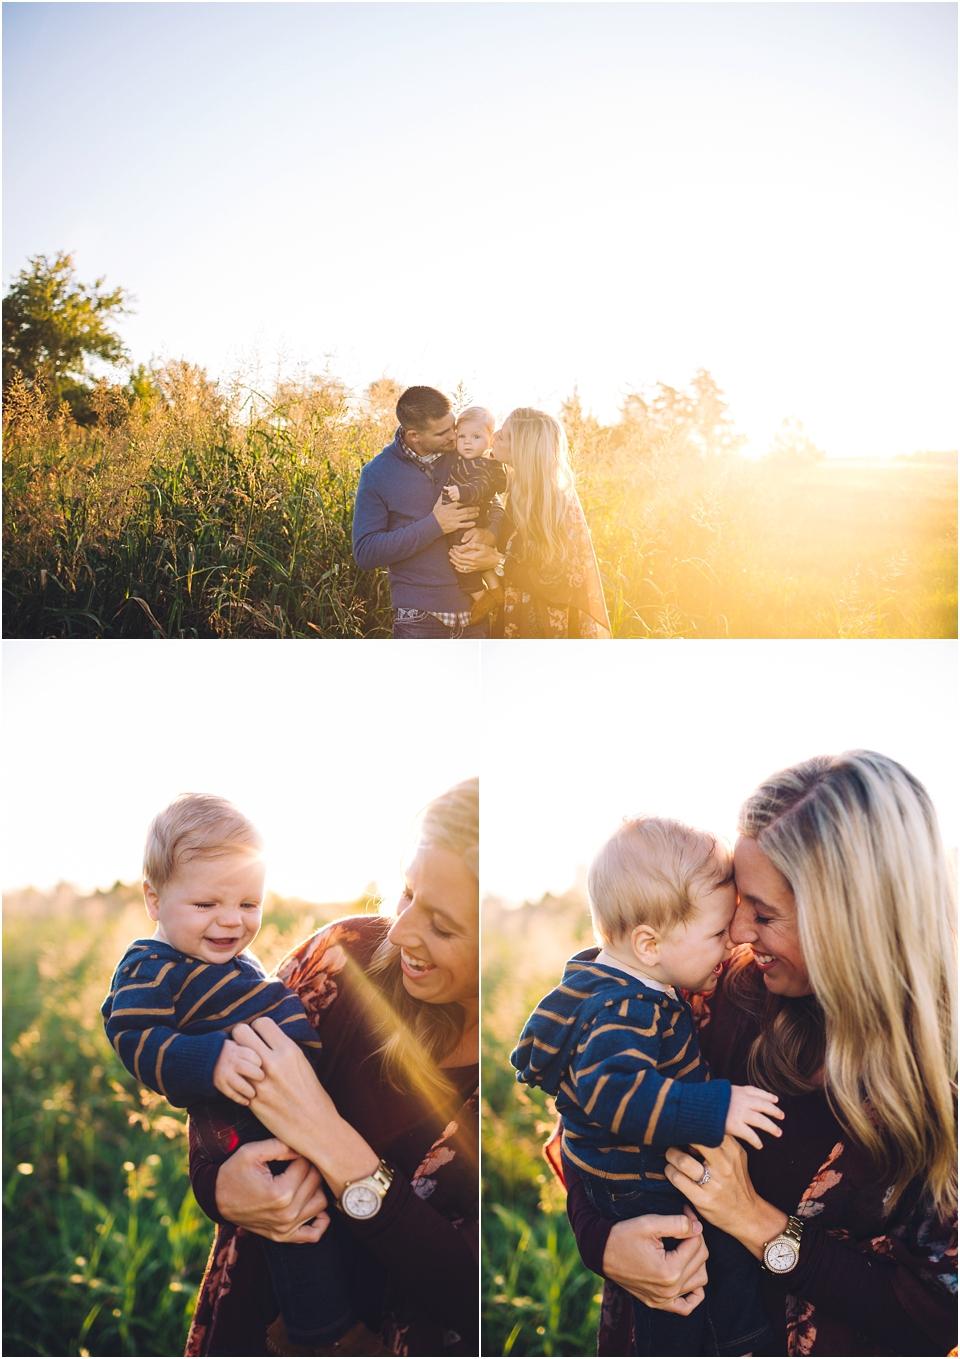 kansascitybestfamilyphotographer_0003